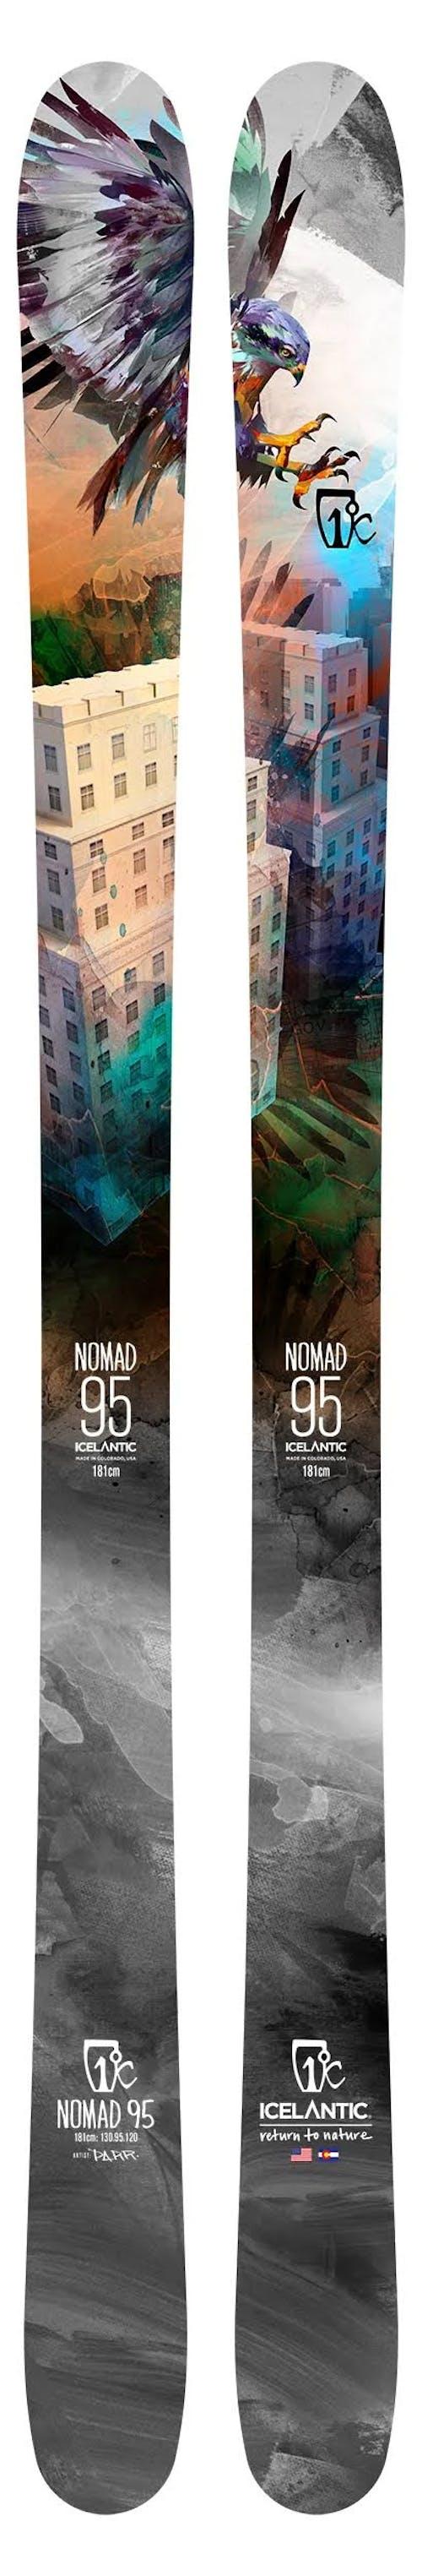 Icelantic Nomad 95   Skis · 2020